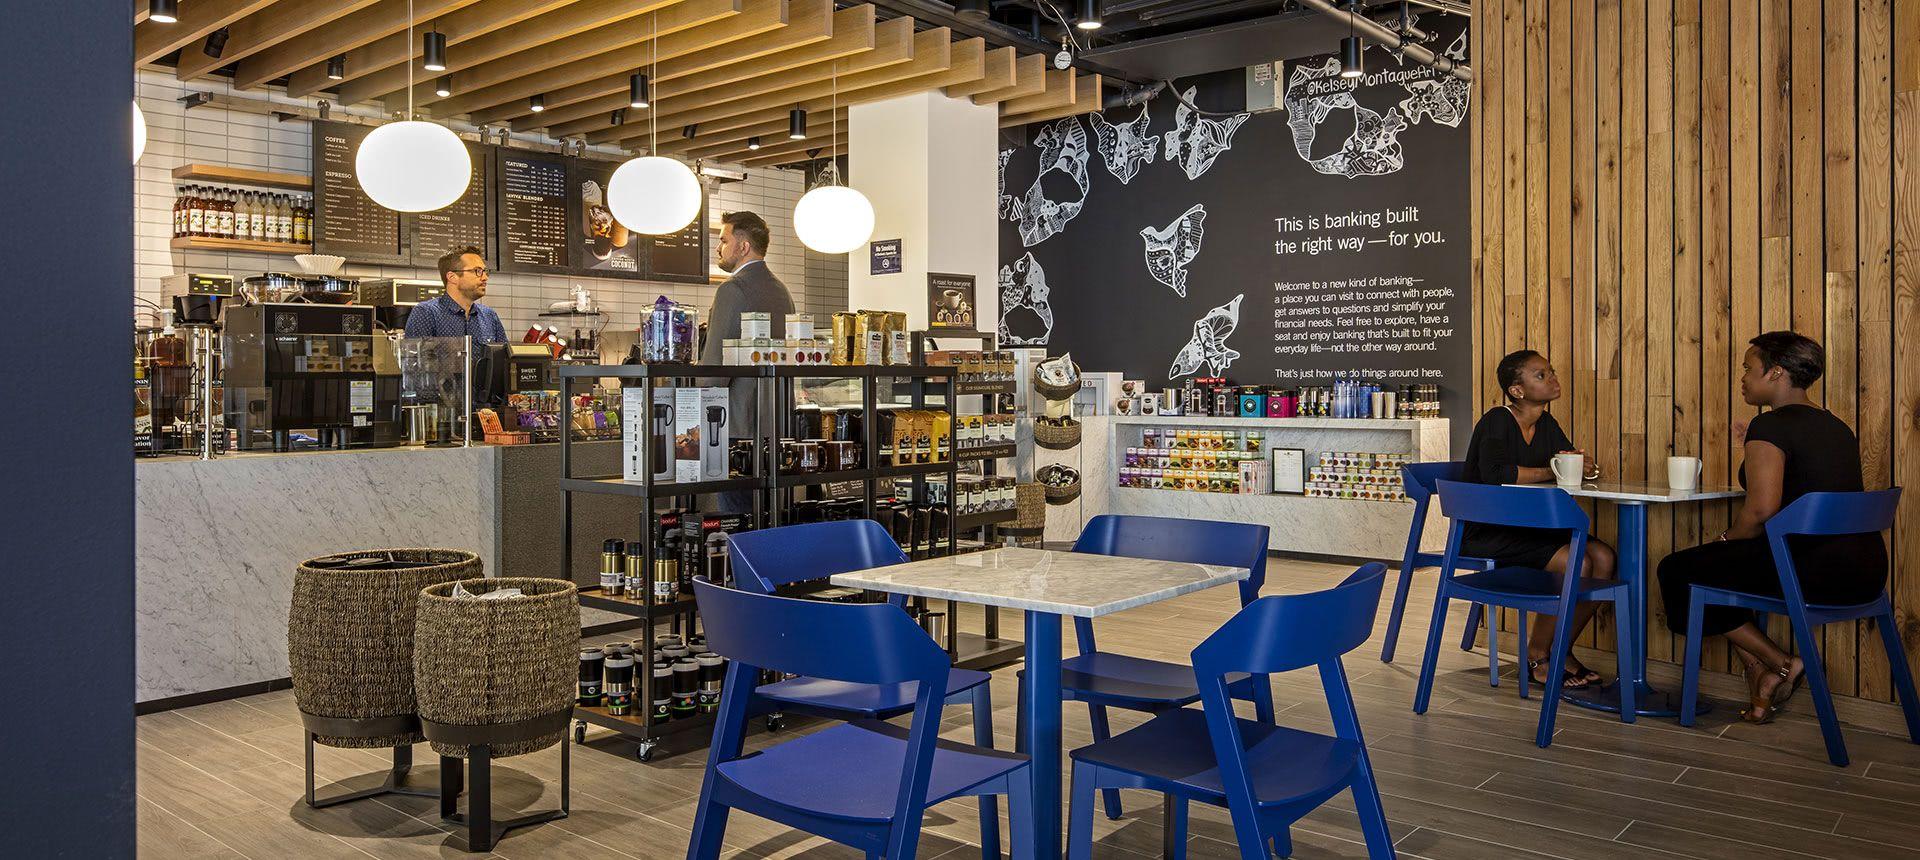 Merano Barstool One Cafe Capital One Bar Stools